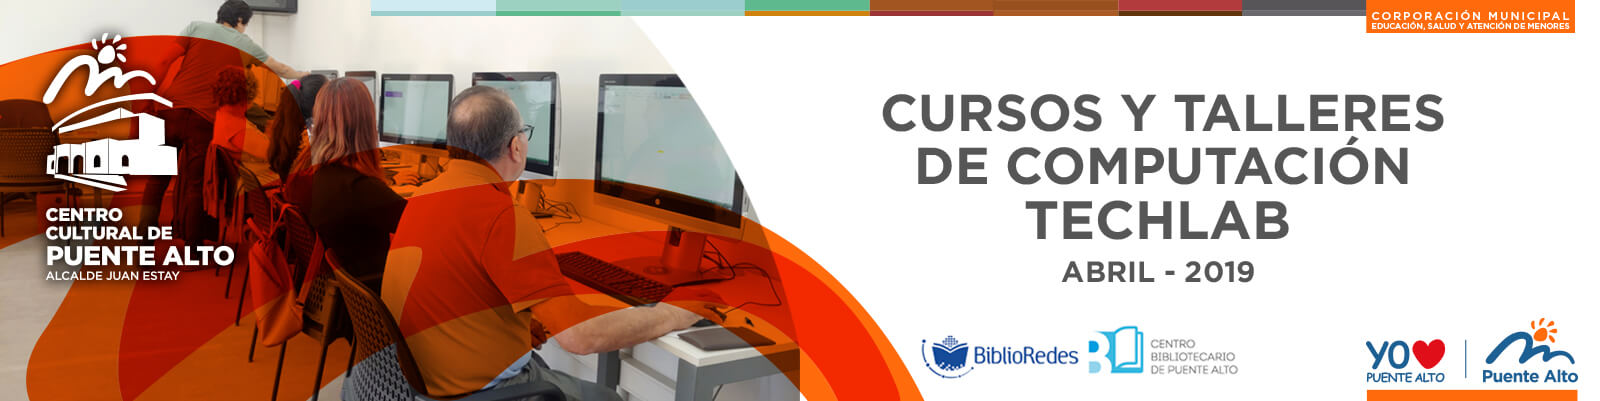 Nuevos Cursos y Talleres en el Techlab del Centro Cultural de Puente Alto.